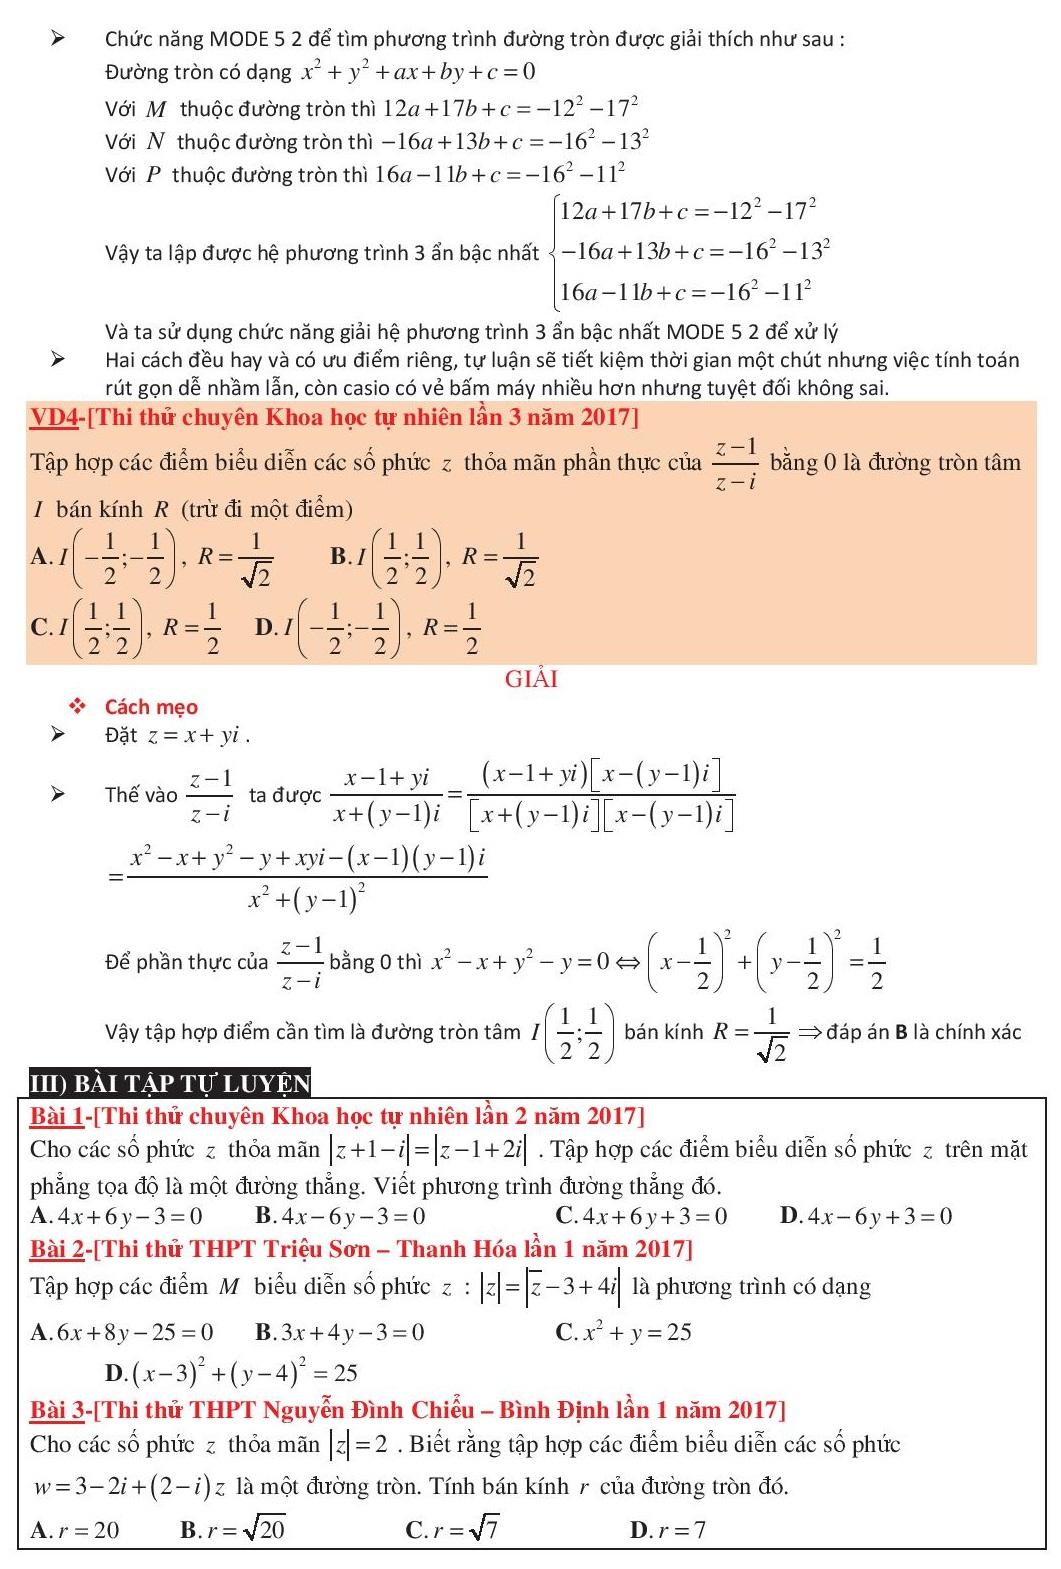 Giải dạng quỹ tích số phức bằng máy tính casio (4).jpg